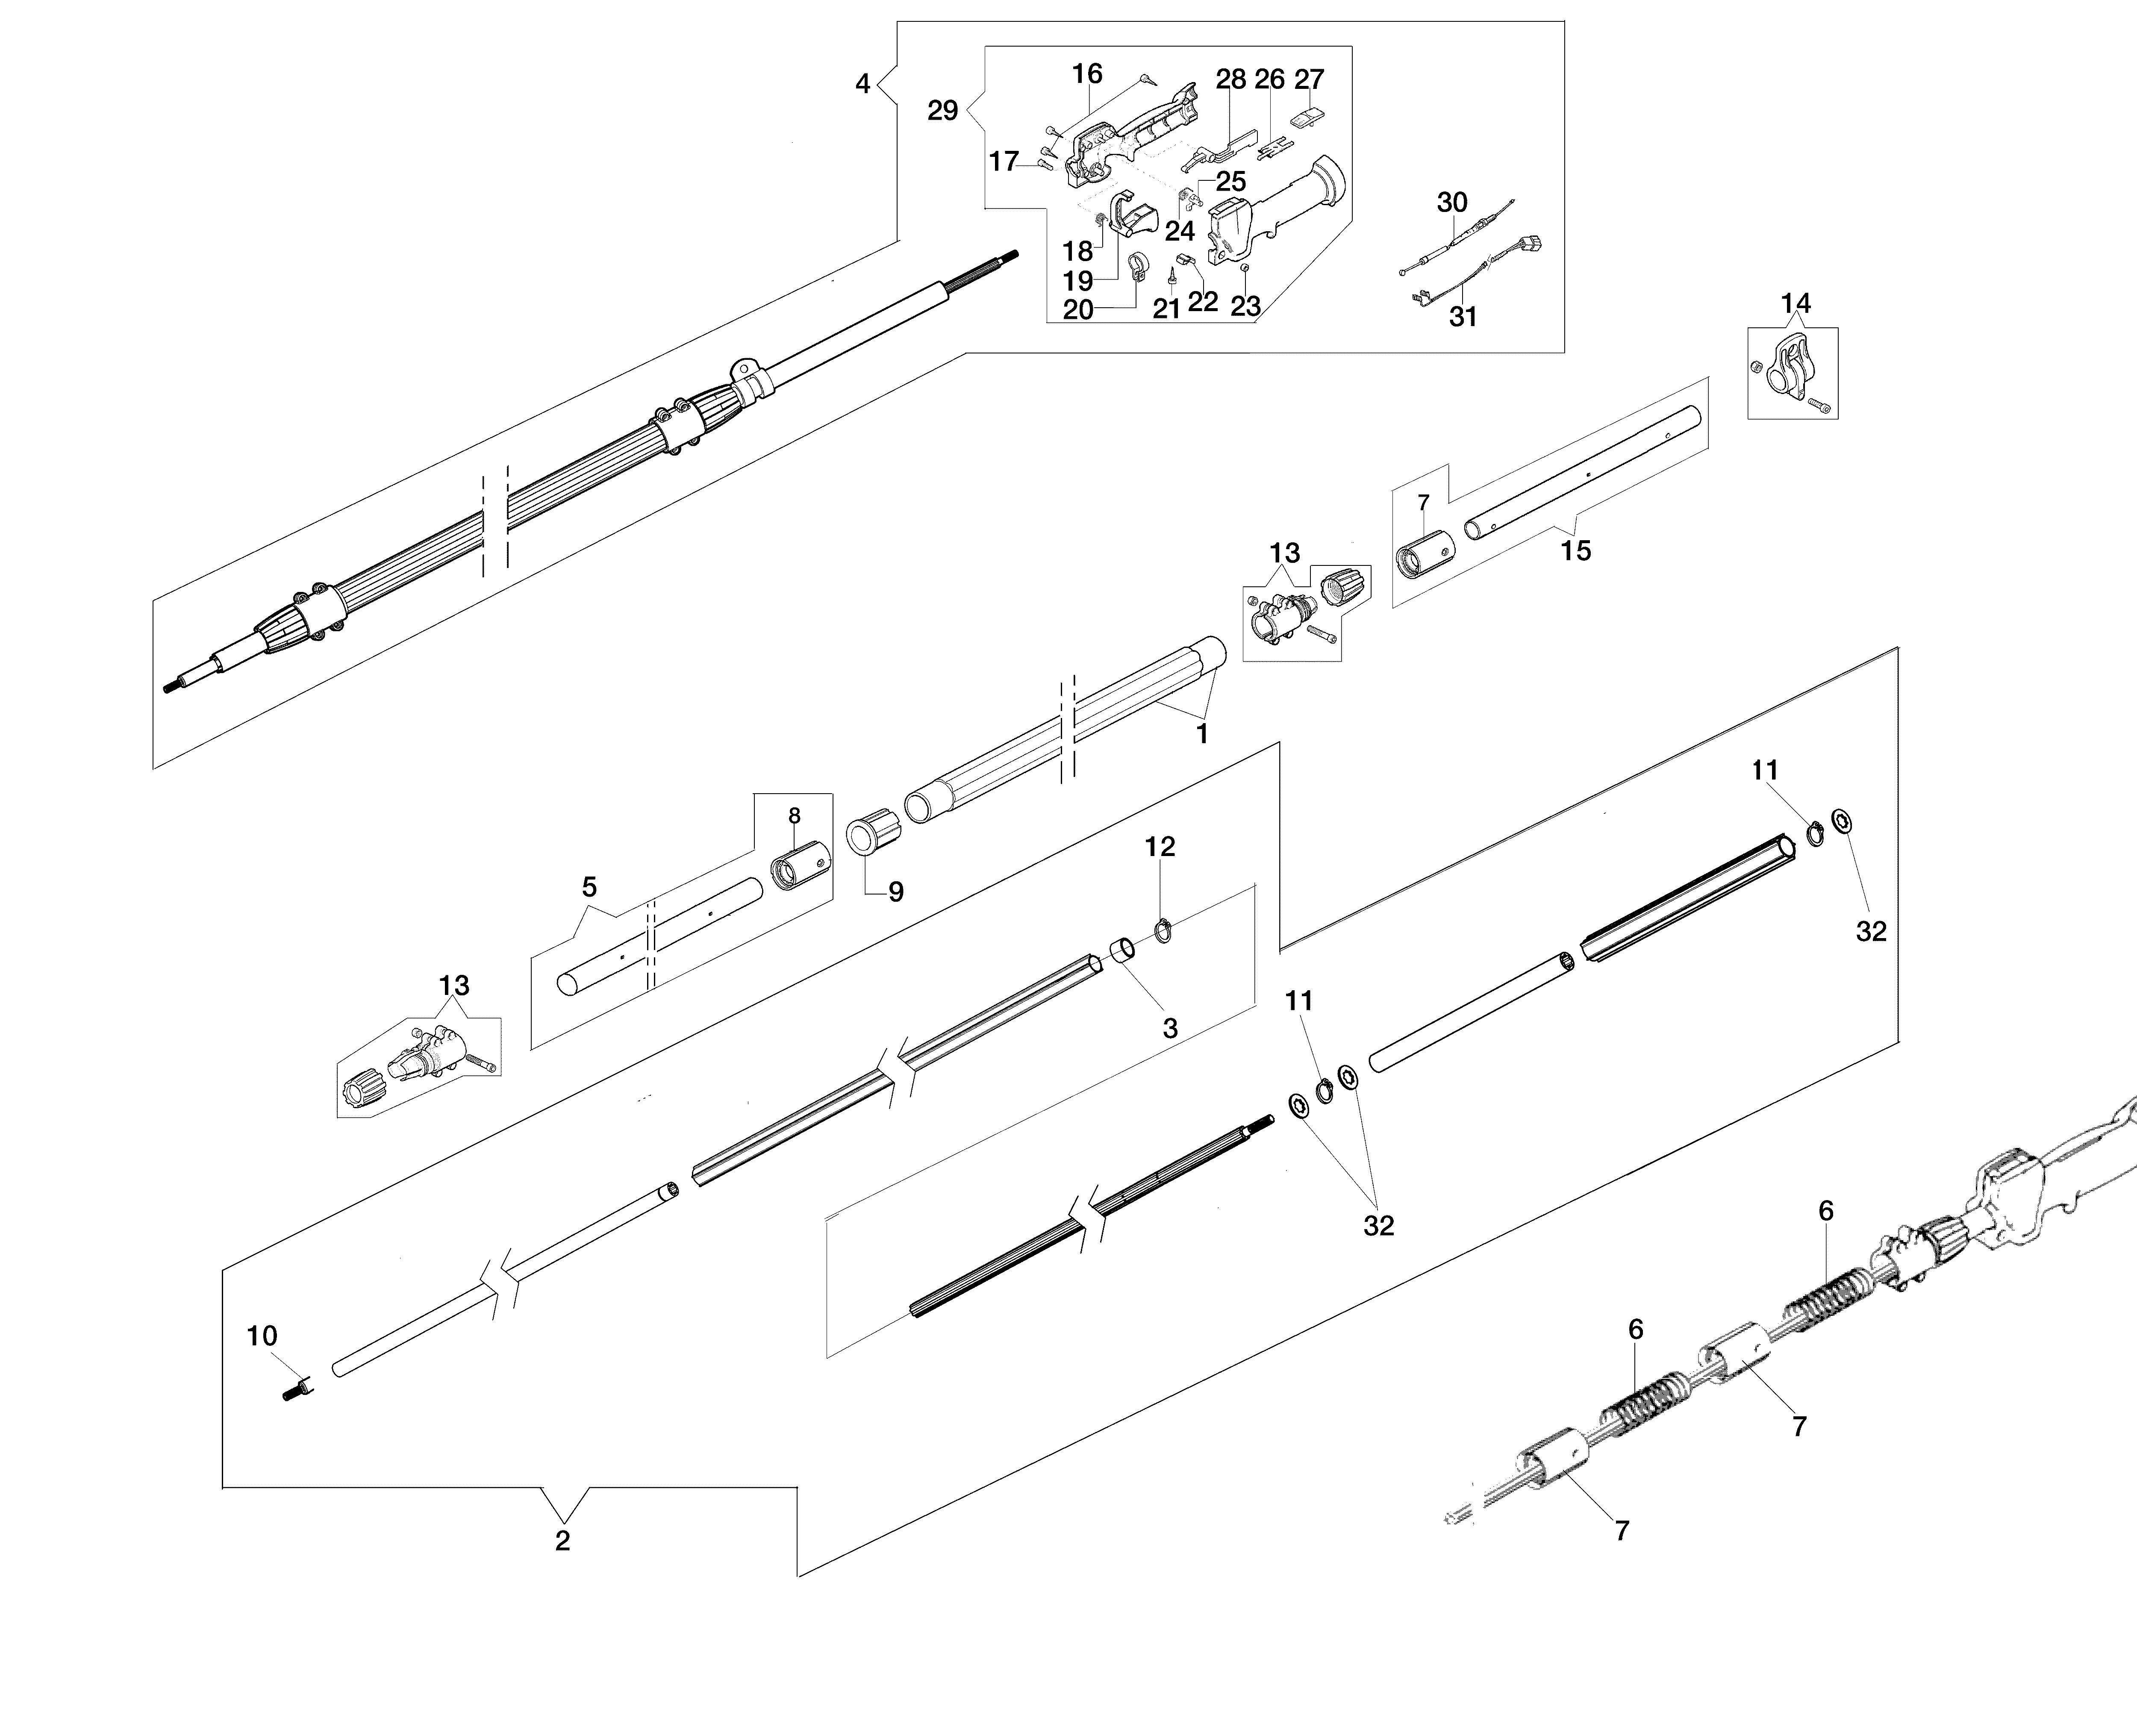 PPX 270 Elagueuses sur perche oleomac Dessins pièces vue éclatée Tige (Transmission)